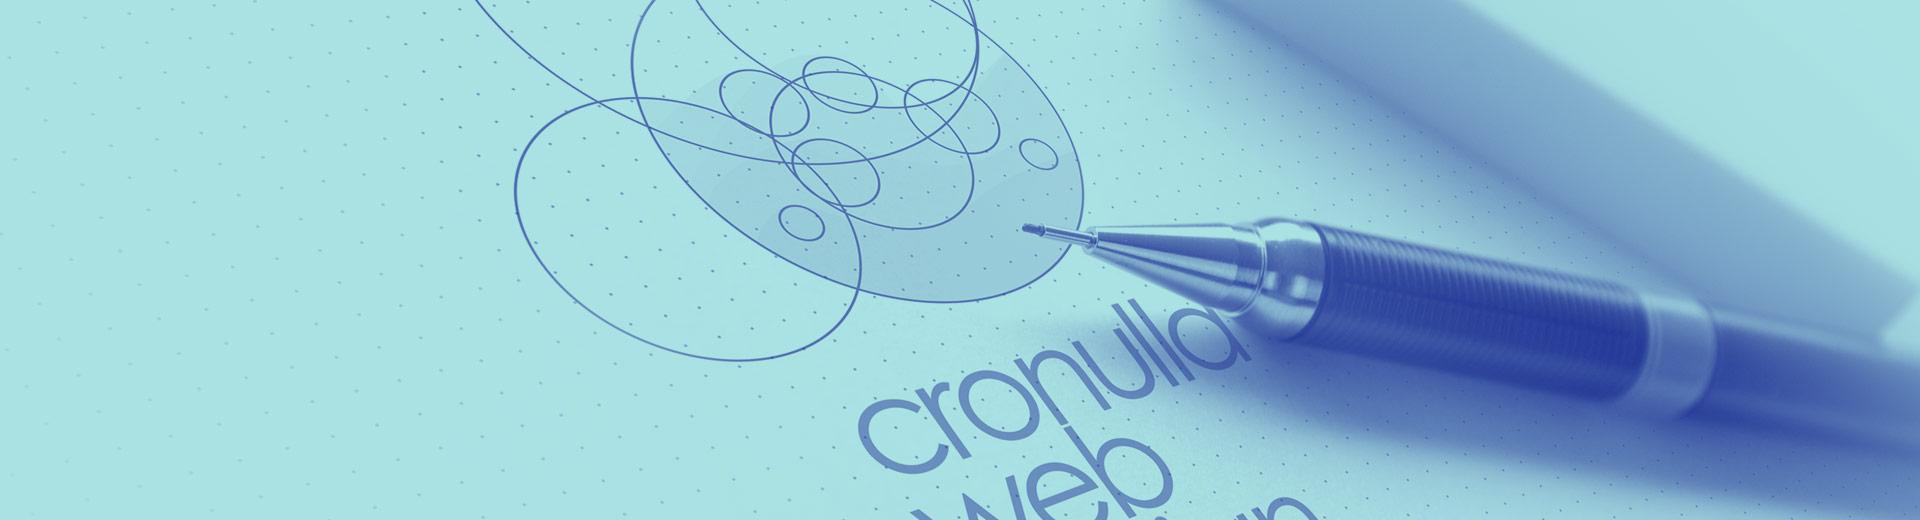 Brand Design Cronulla